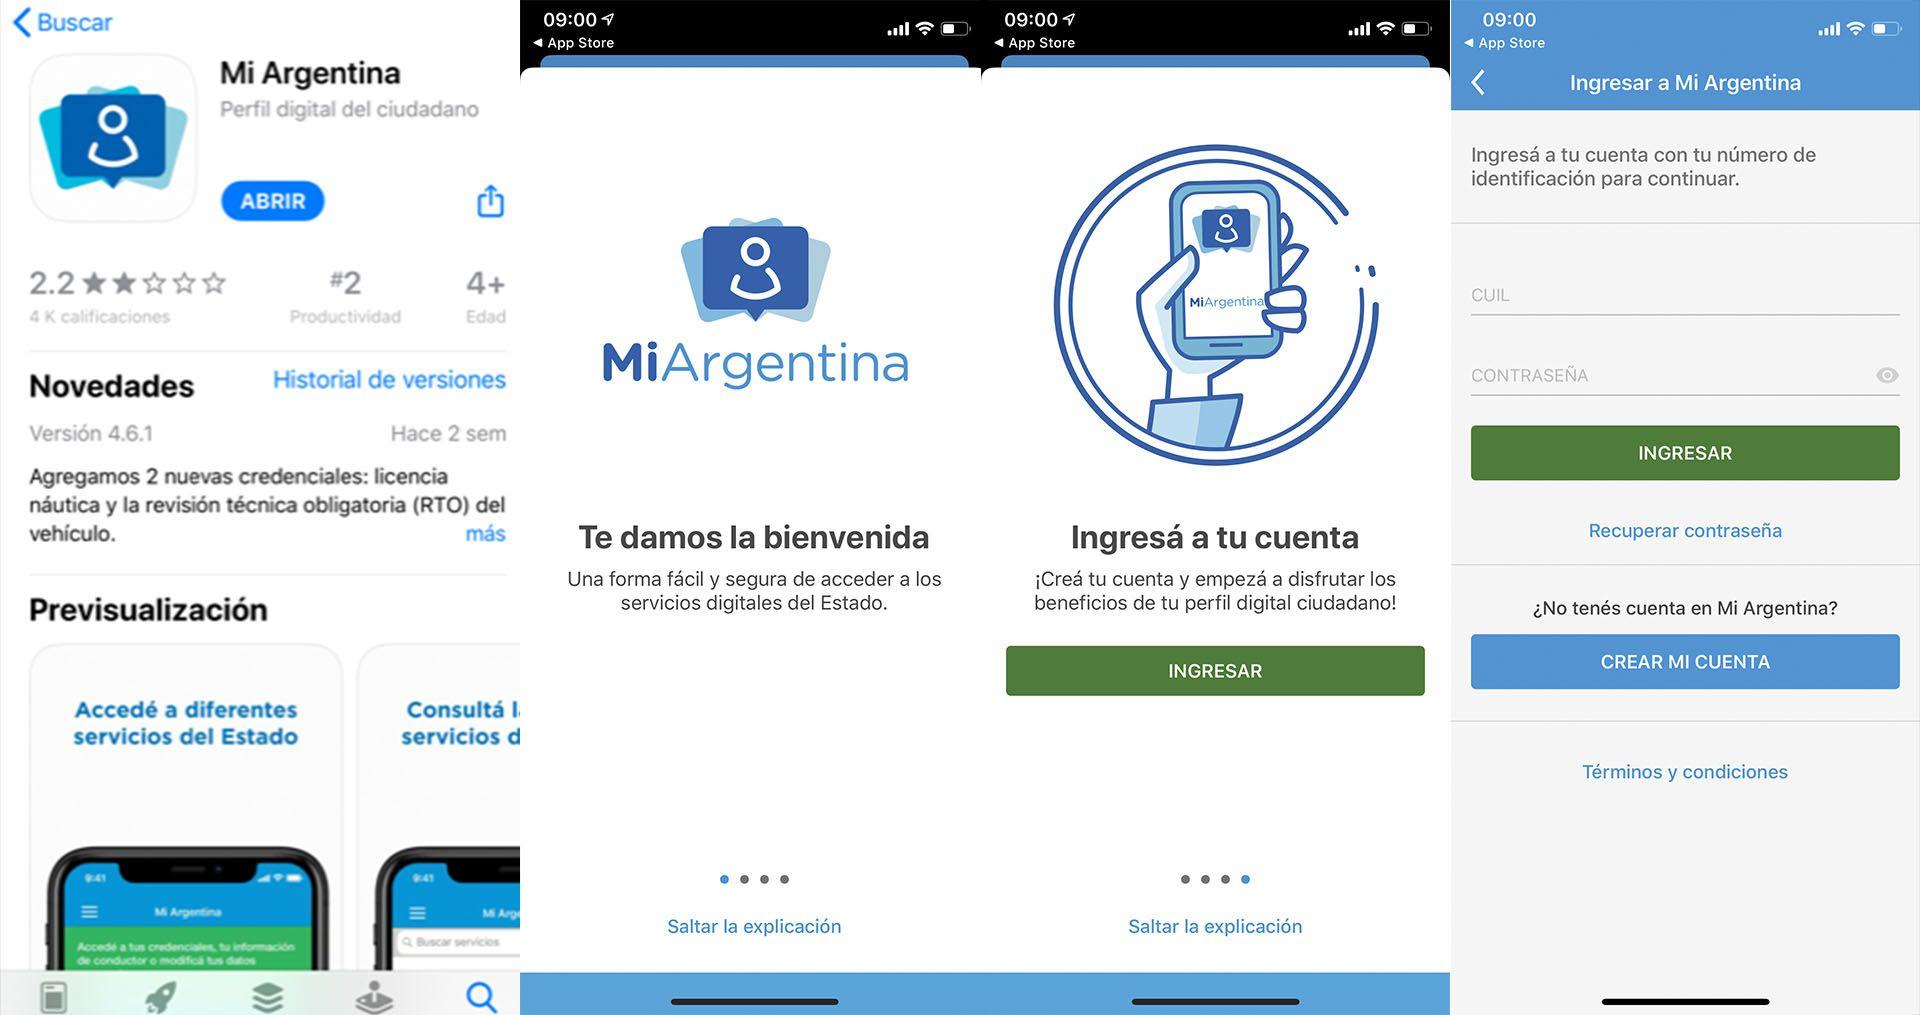 Se puede acceder al DNI digital a través de la app Mi Argentina siguiendo ciertos pasos para validar la identidad del usuario.